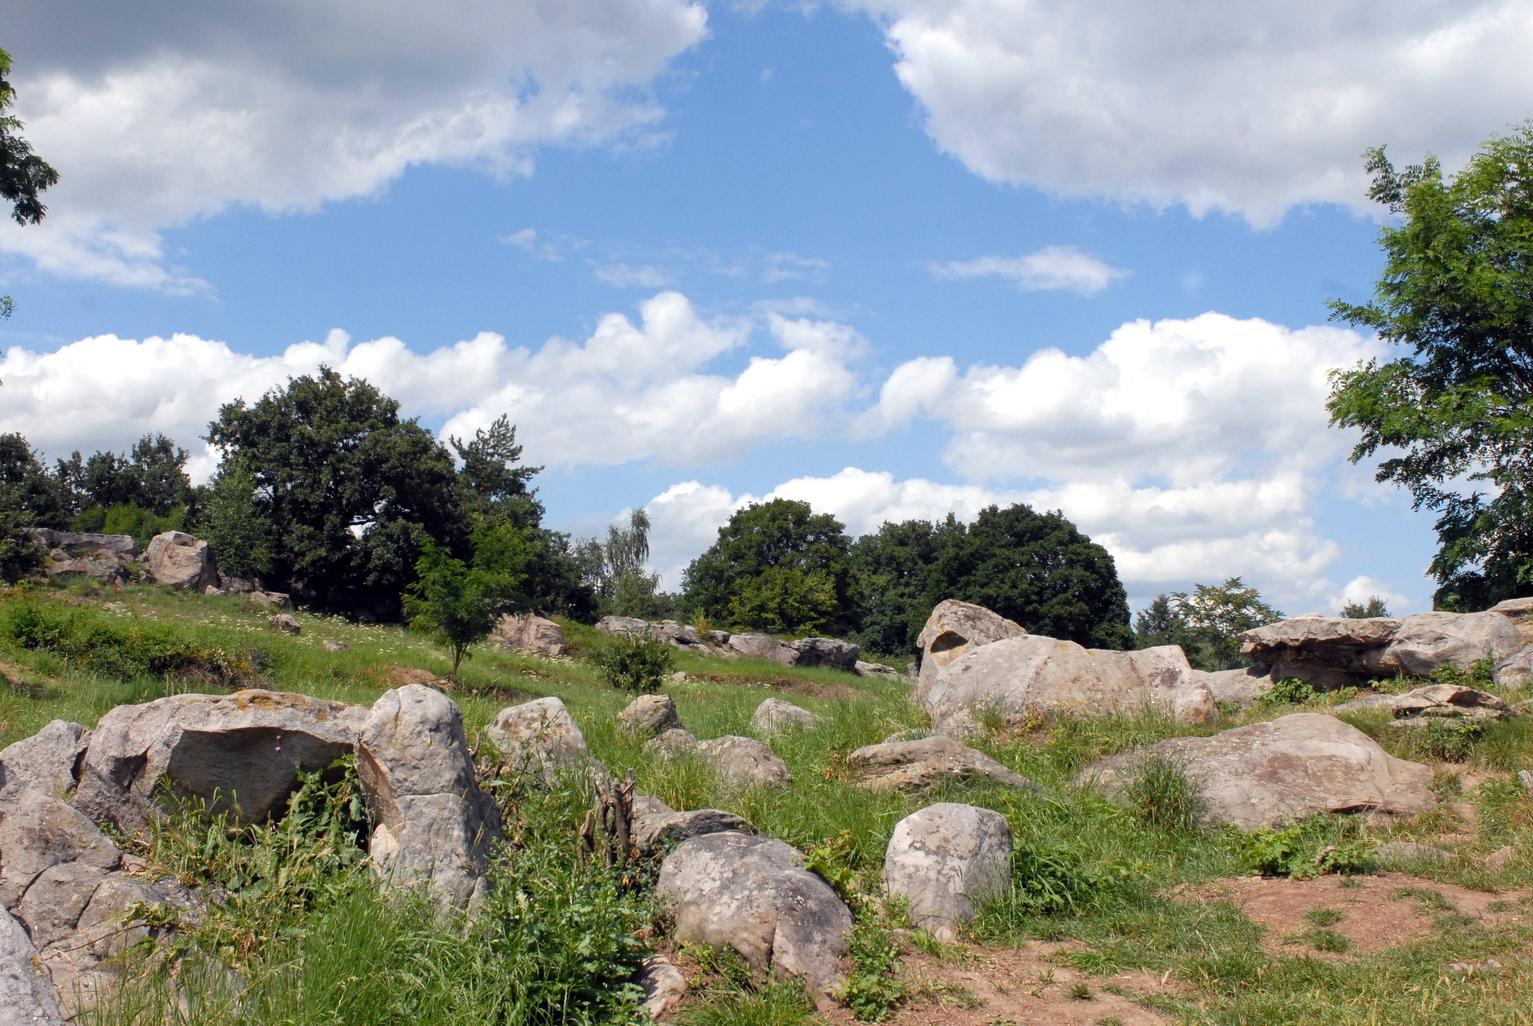 Szentbékkálla, 2009. július 19. Sziklák a Veszprém megyei Szentbékkálla határában található Kőtengerben. Valaha az itteni intenzív vulkanikus tevékenység következtében feltörő hévizek összecementálták a pannon kor tengerének homoküledékét, amelyet a szél, a csapadék és az erózió a későbbi földtörténeti korok folyamán változatos formákra alakított. A Kőtengert nemcsak az időjárás alakította; a sziklák egy részét bányászták is. MTI Fotó: Czimbal Gyula